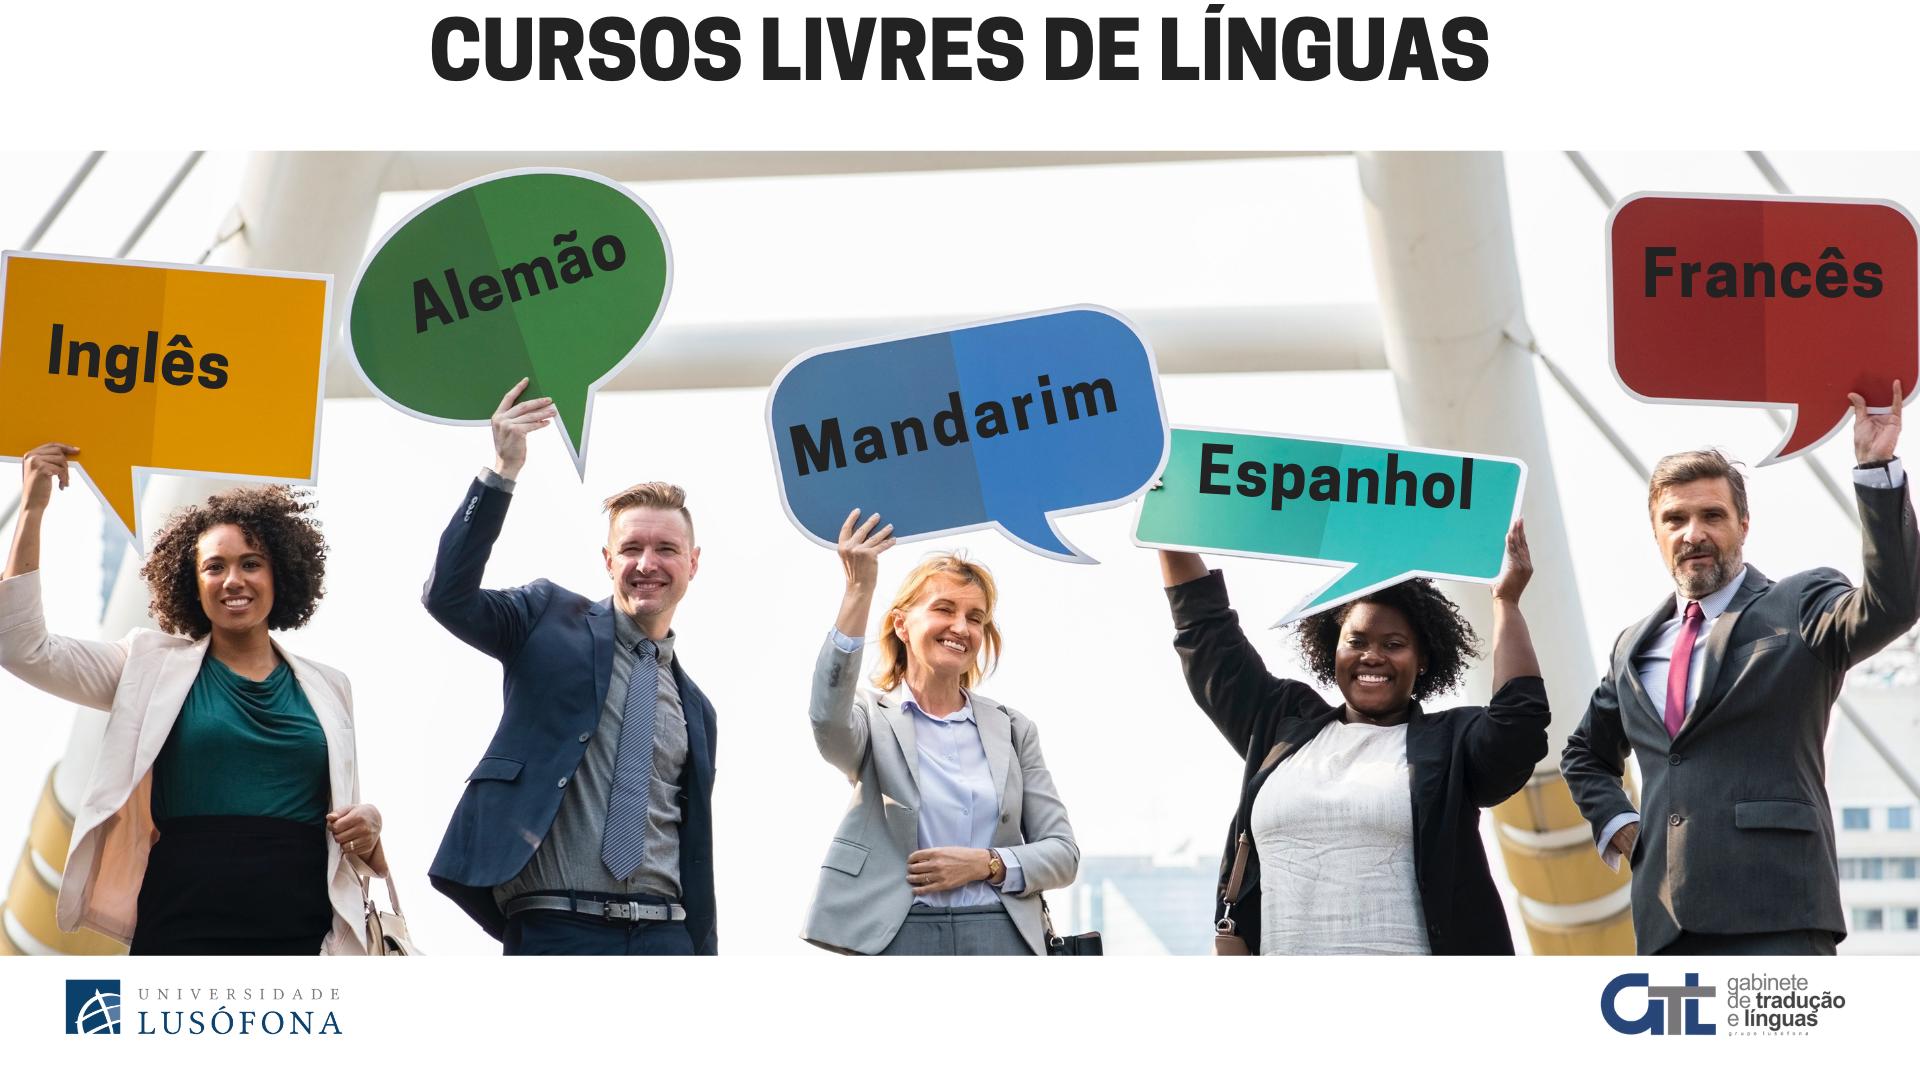 Cursos Livres de Línguas